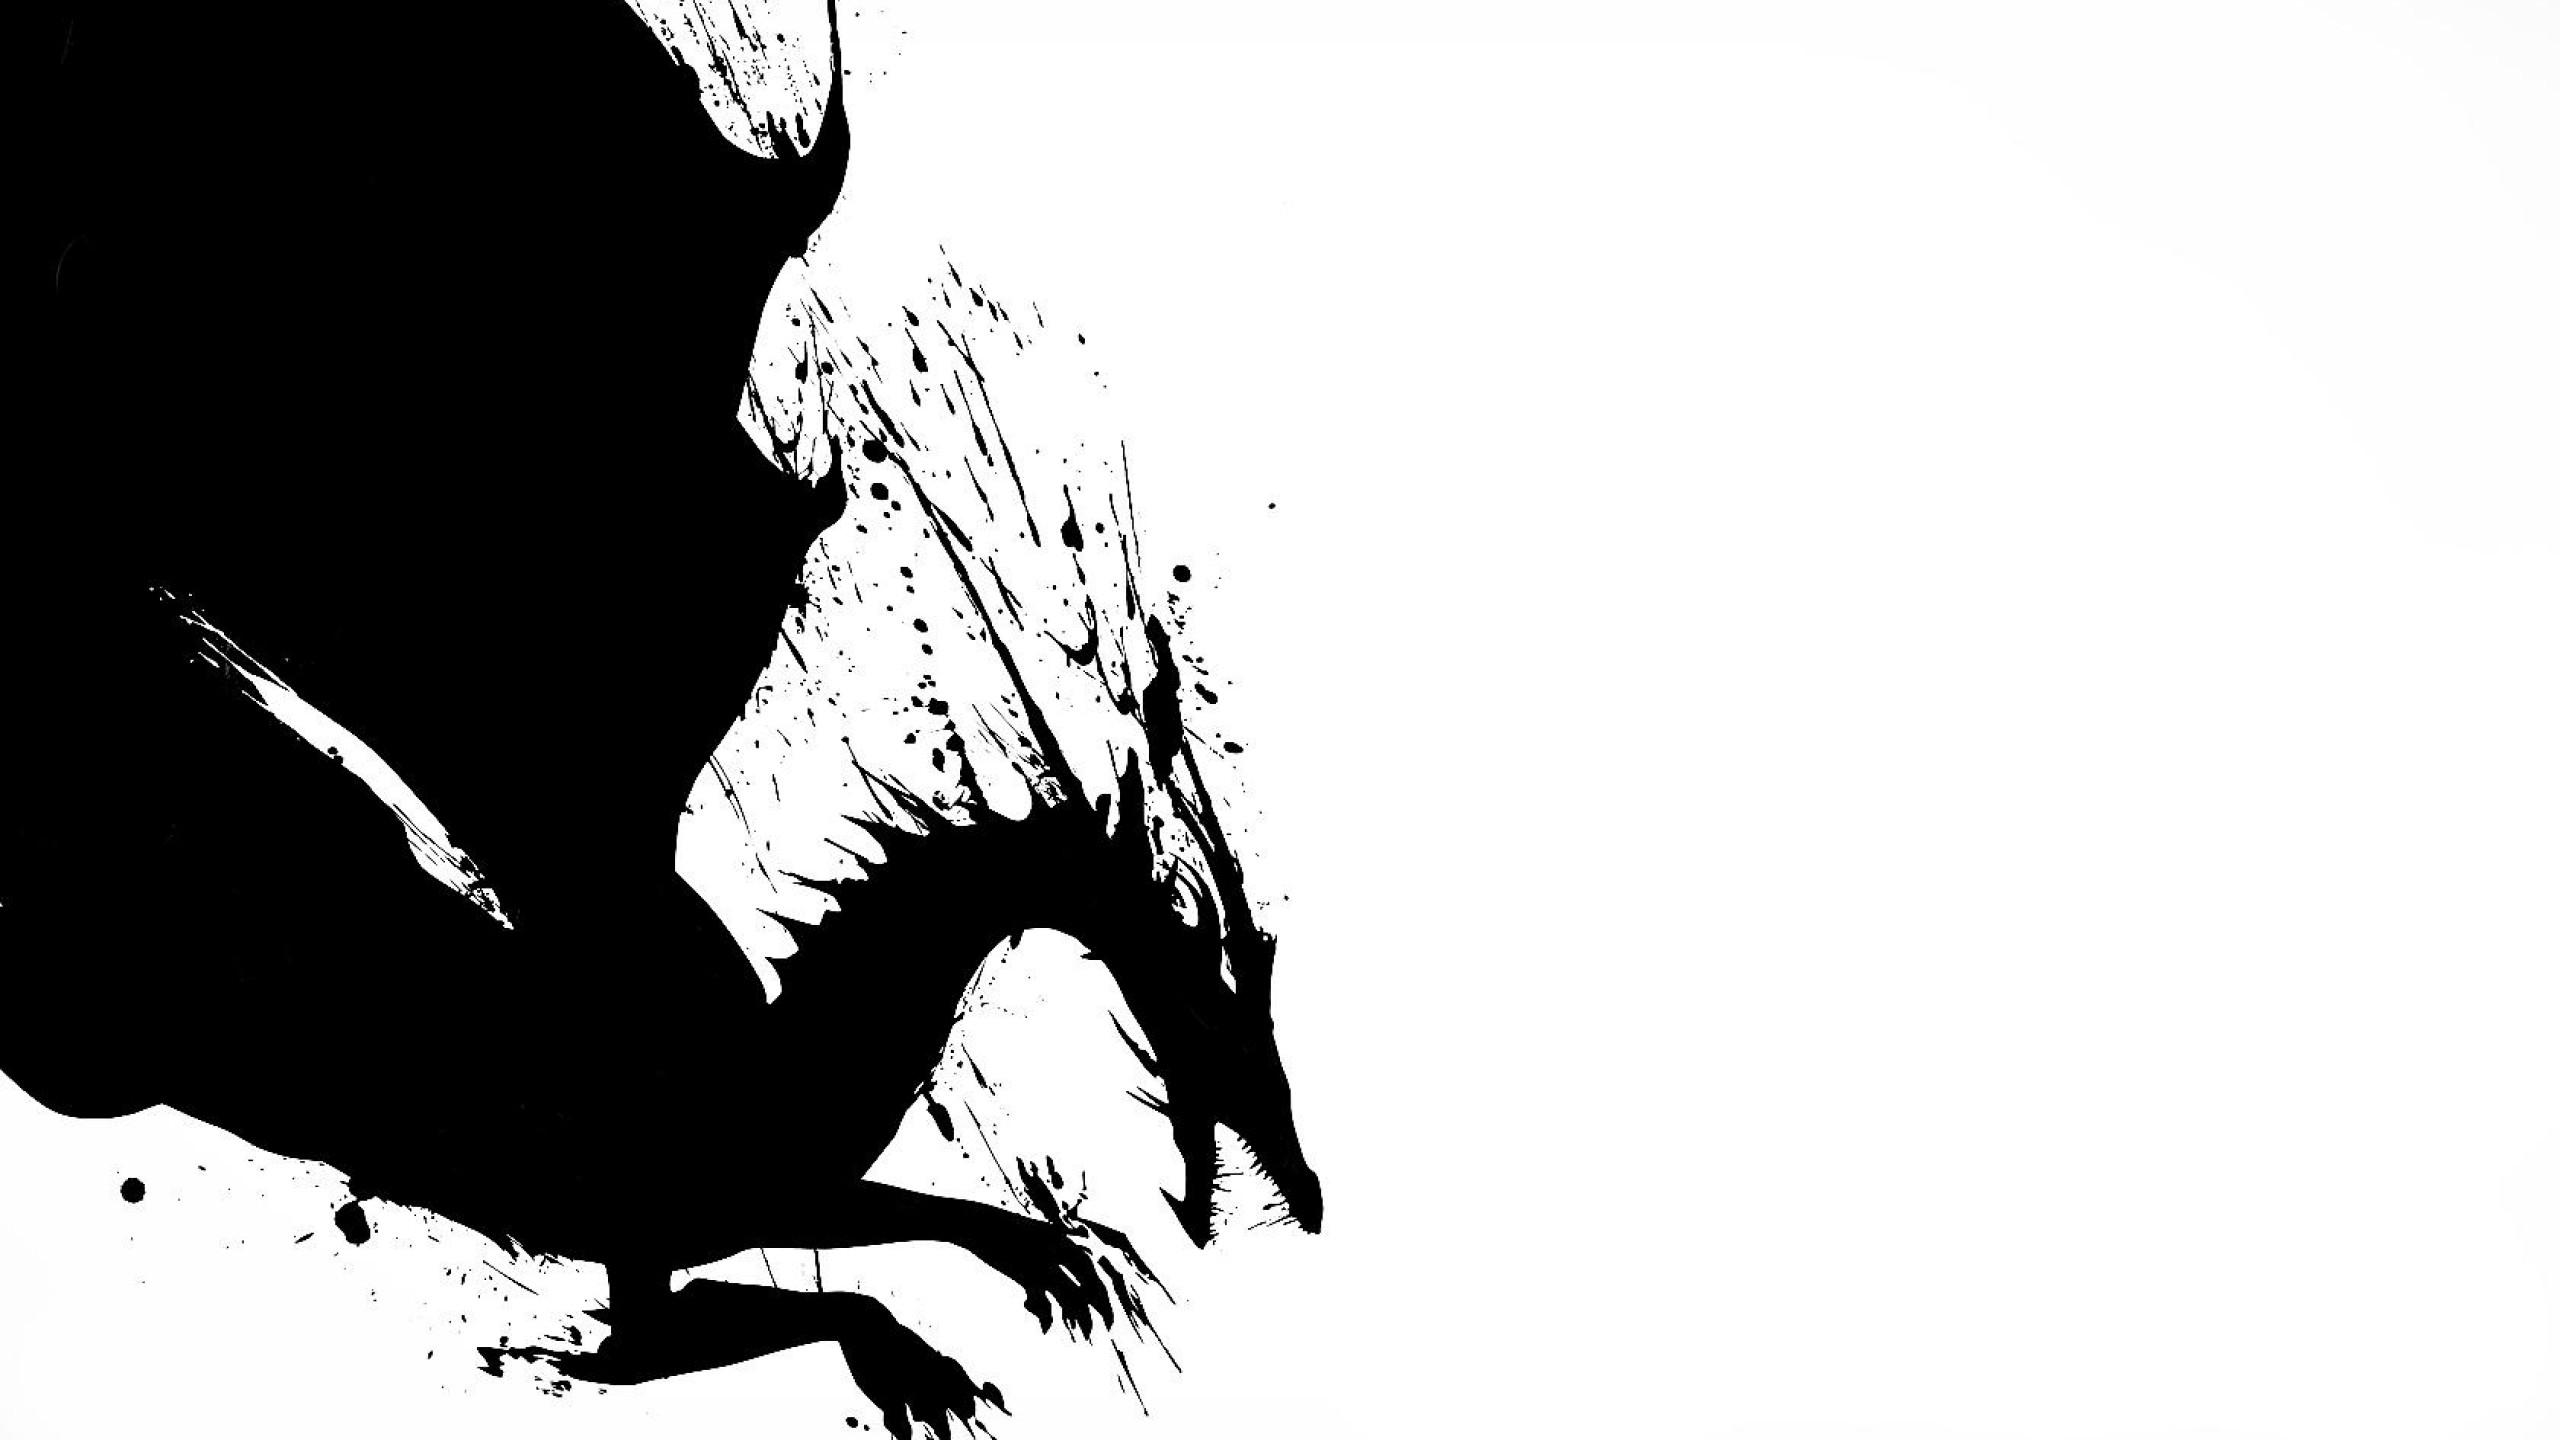 Ảnh nền rồng trắng đen